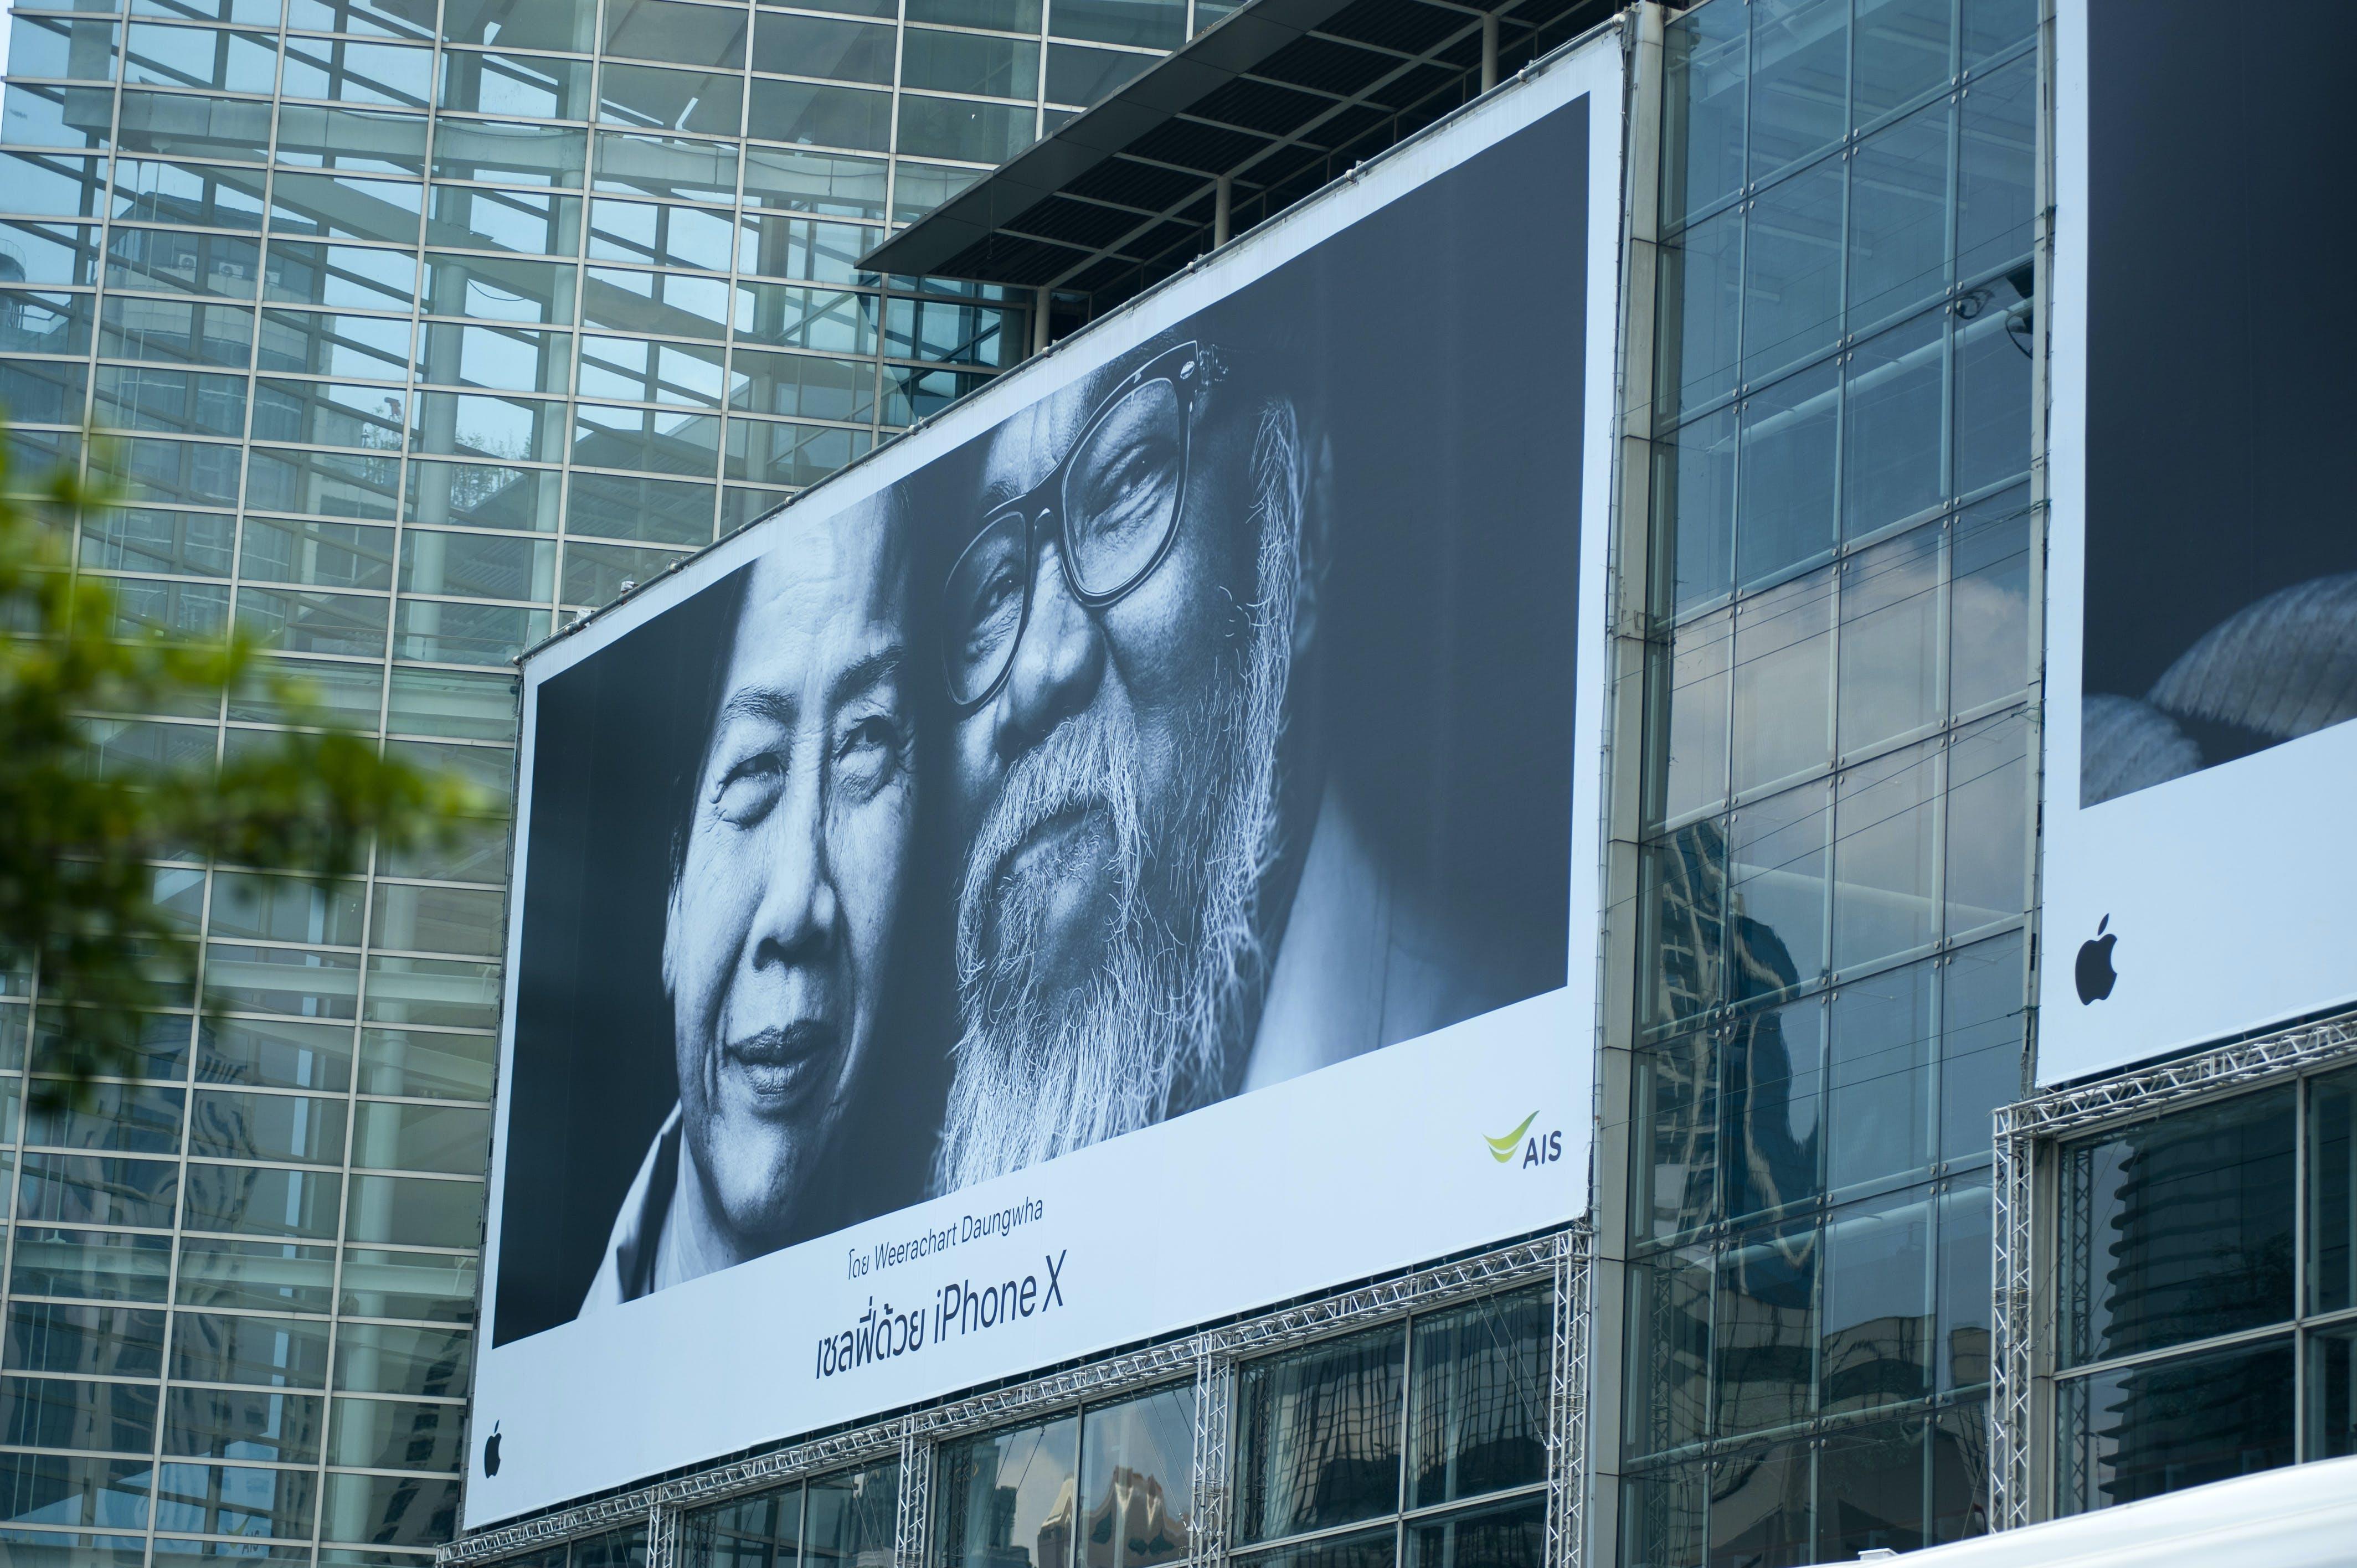 Man Beside Woman Billboard